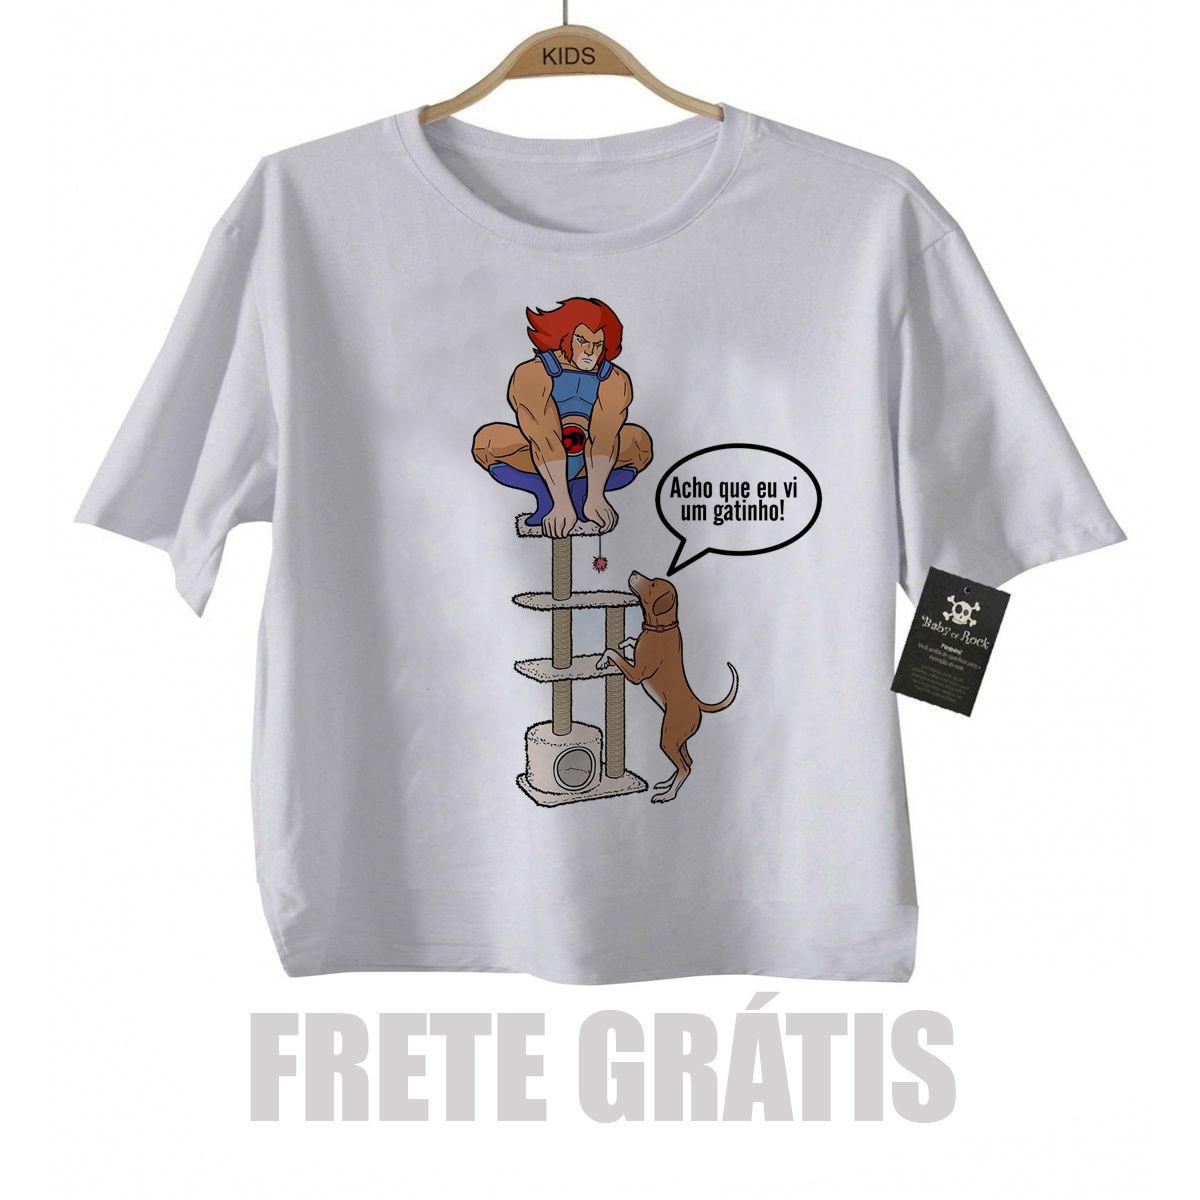 Camiseta Infantil Super Herois -  thundercat - White  - Baby Monster S/A